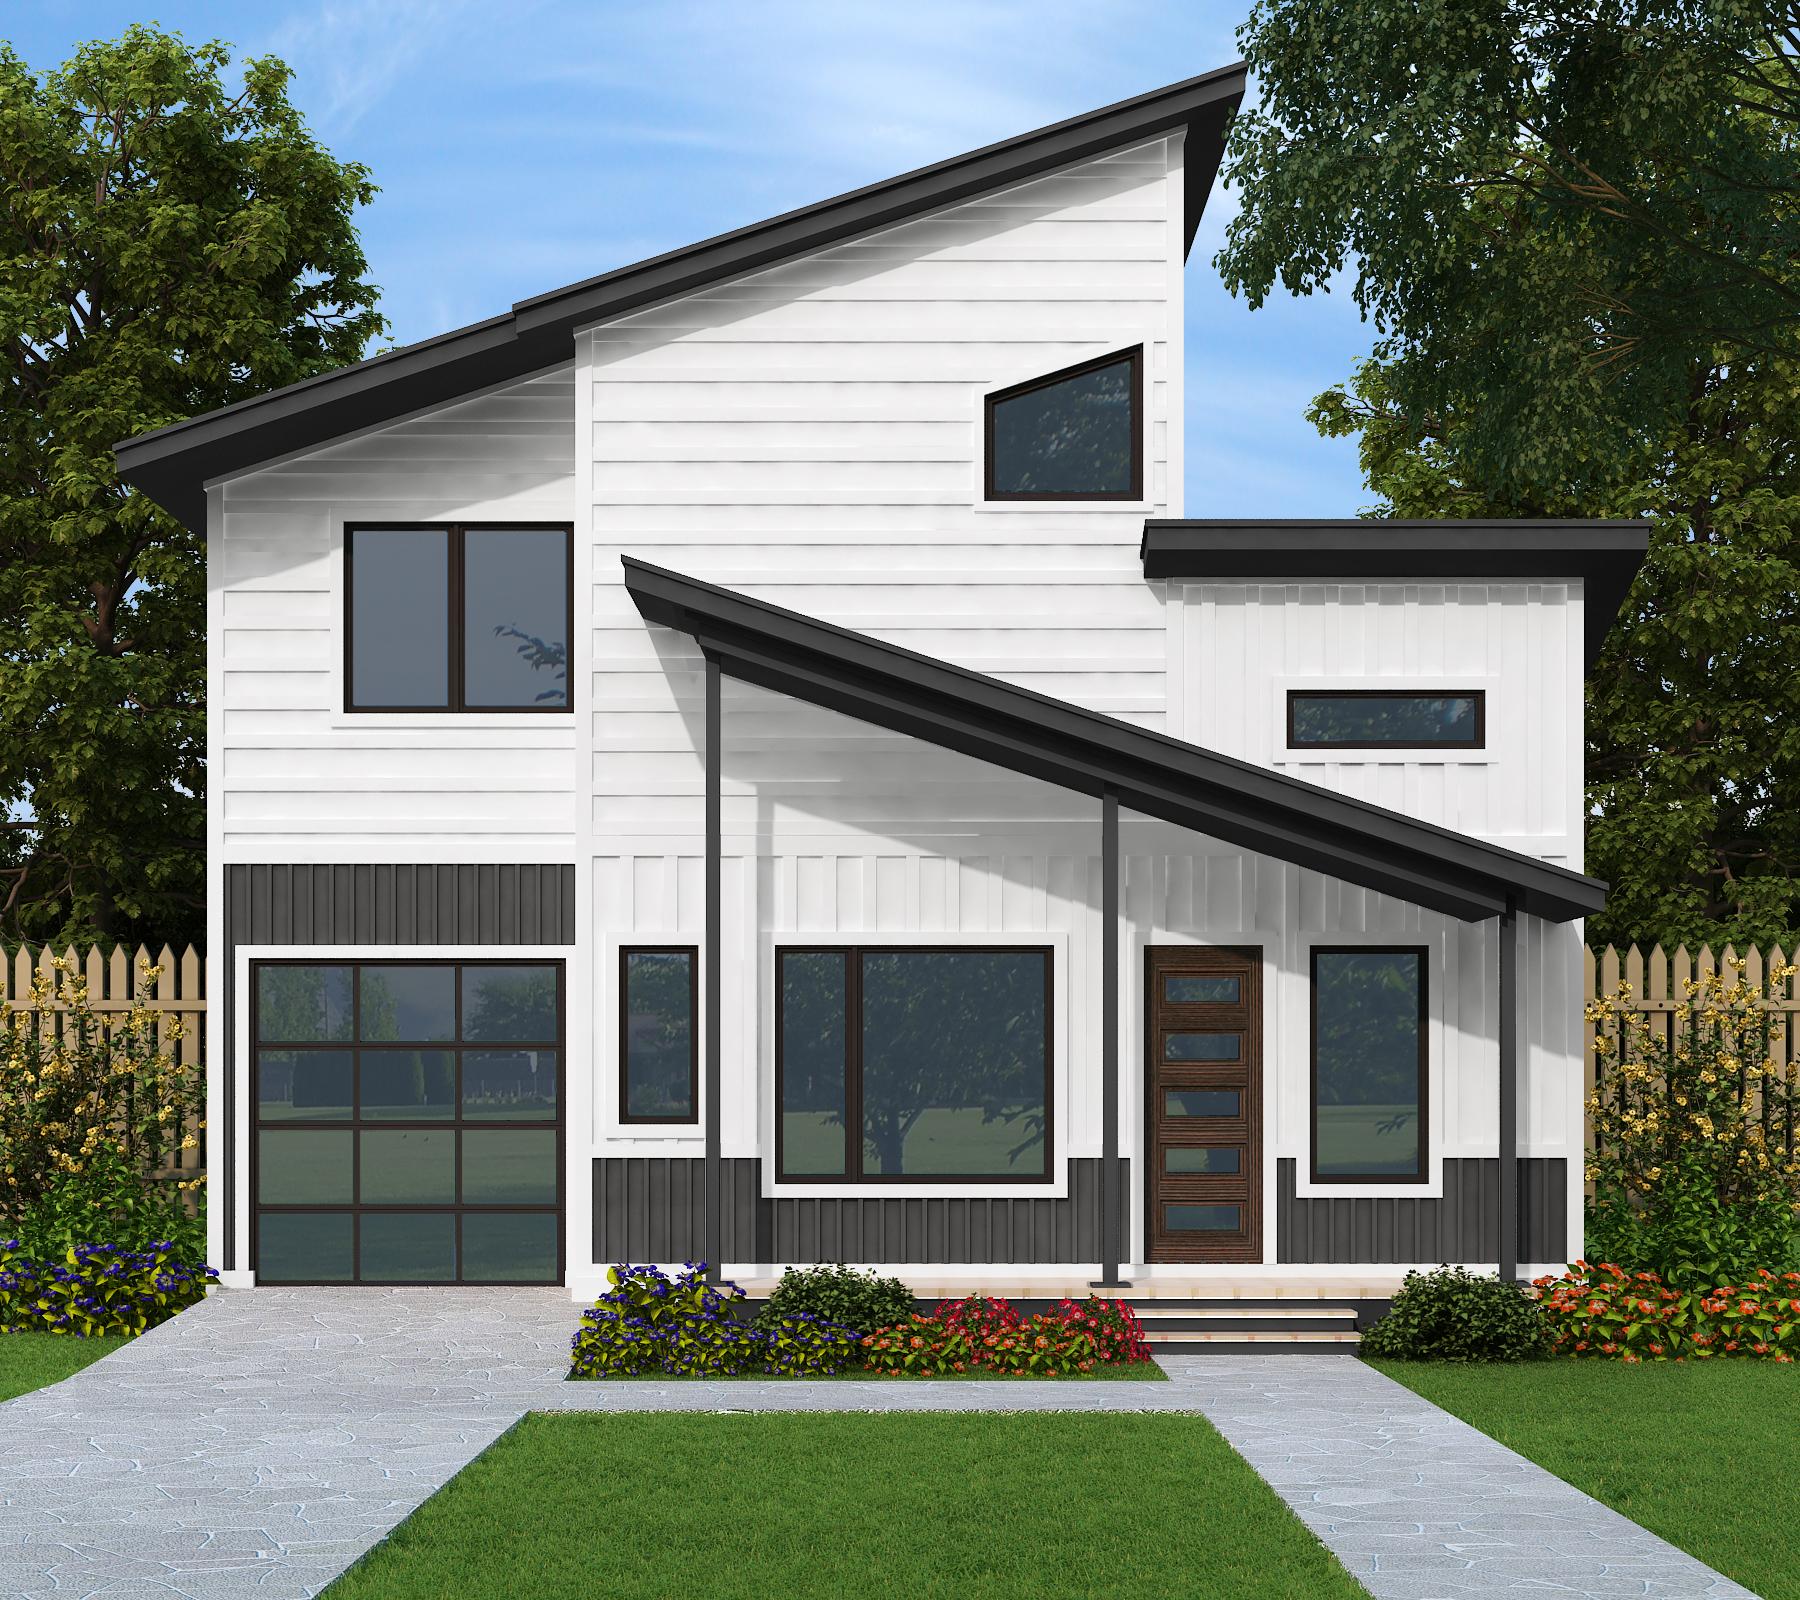 409 Delmar Building 2 - $409,000 - 2 Bed 2.5 Bath 1100SqFt